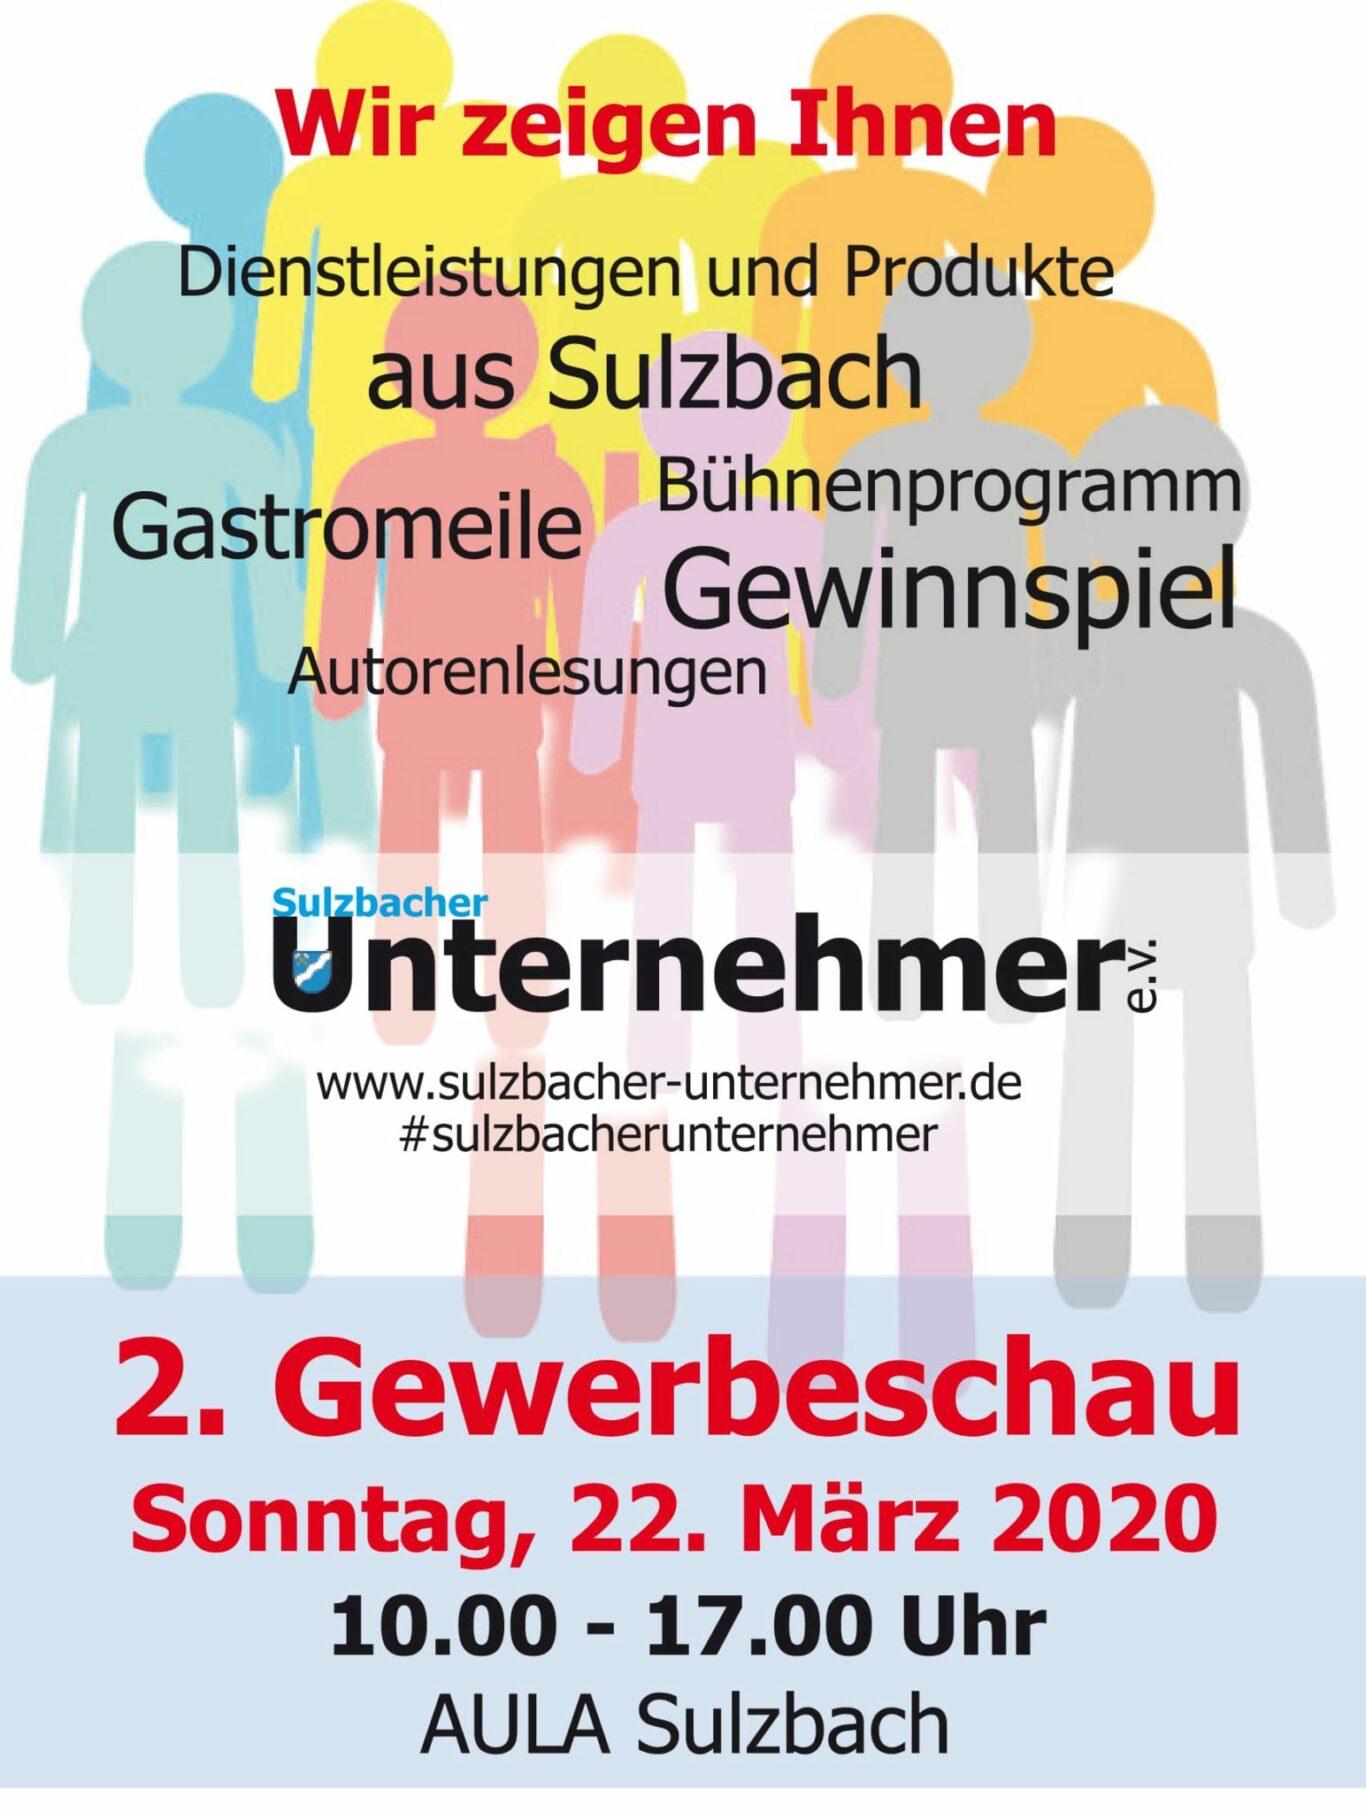 Sulzbach Gewerbeschau 2020